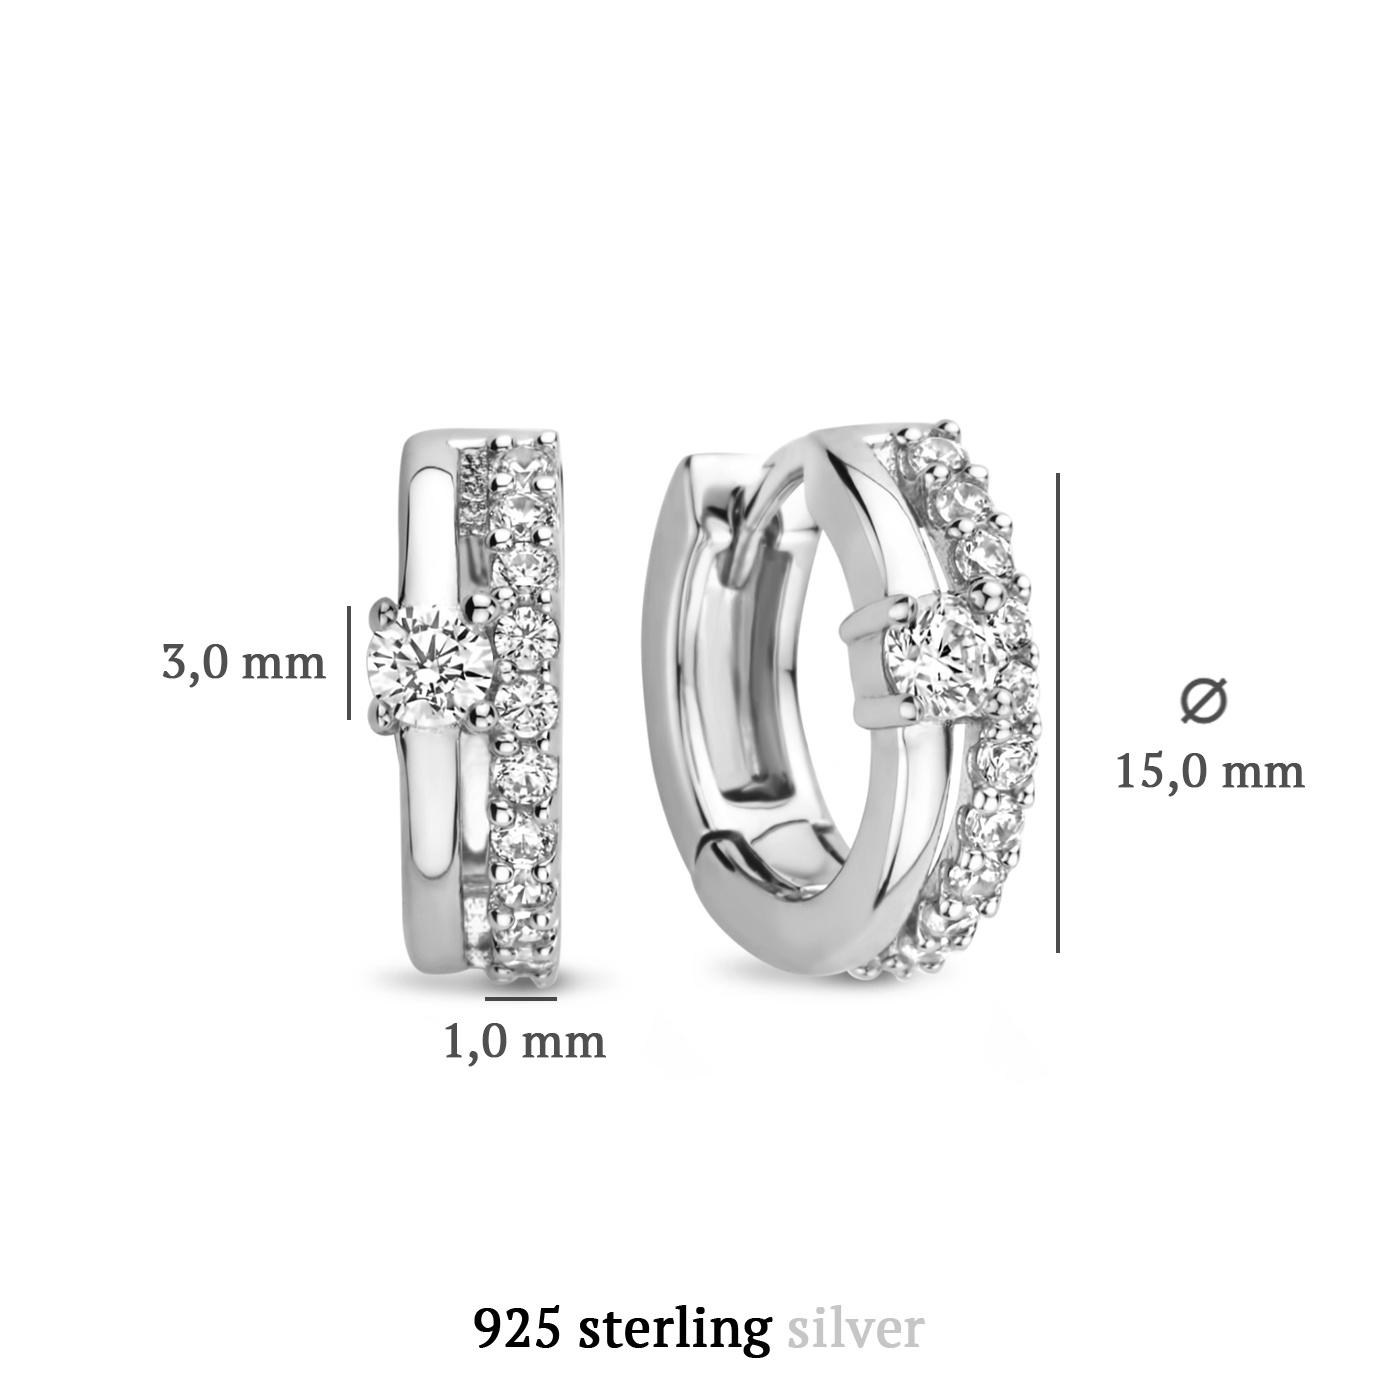 Parte di Me Ponte Vecchio Uffizi creole in argento sterling 925